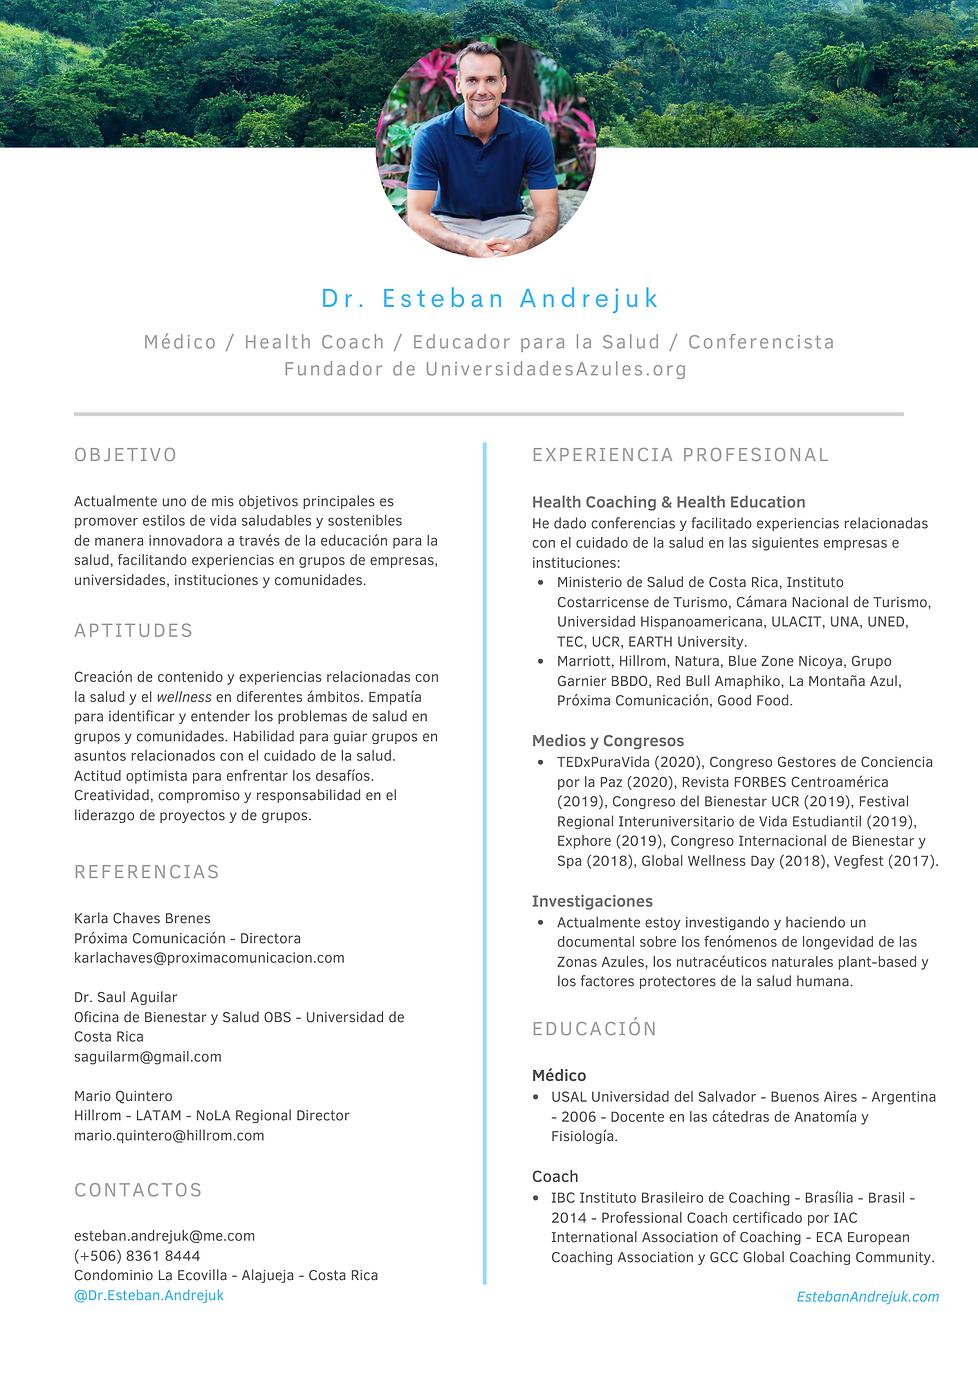 CV_Dr_Esteban_Andrejuk_2020 (1).png